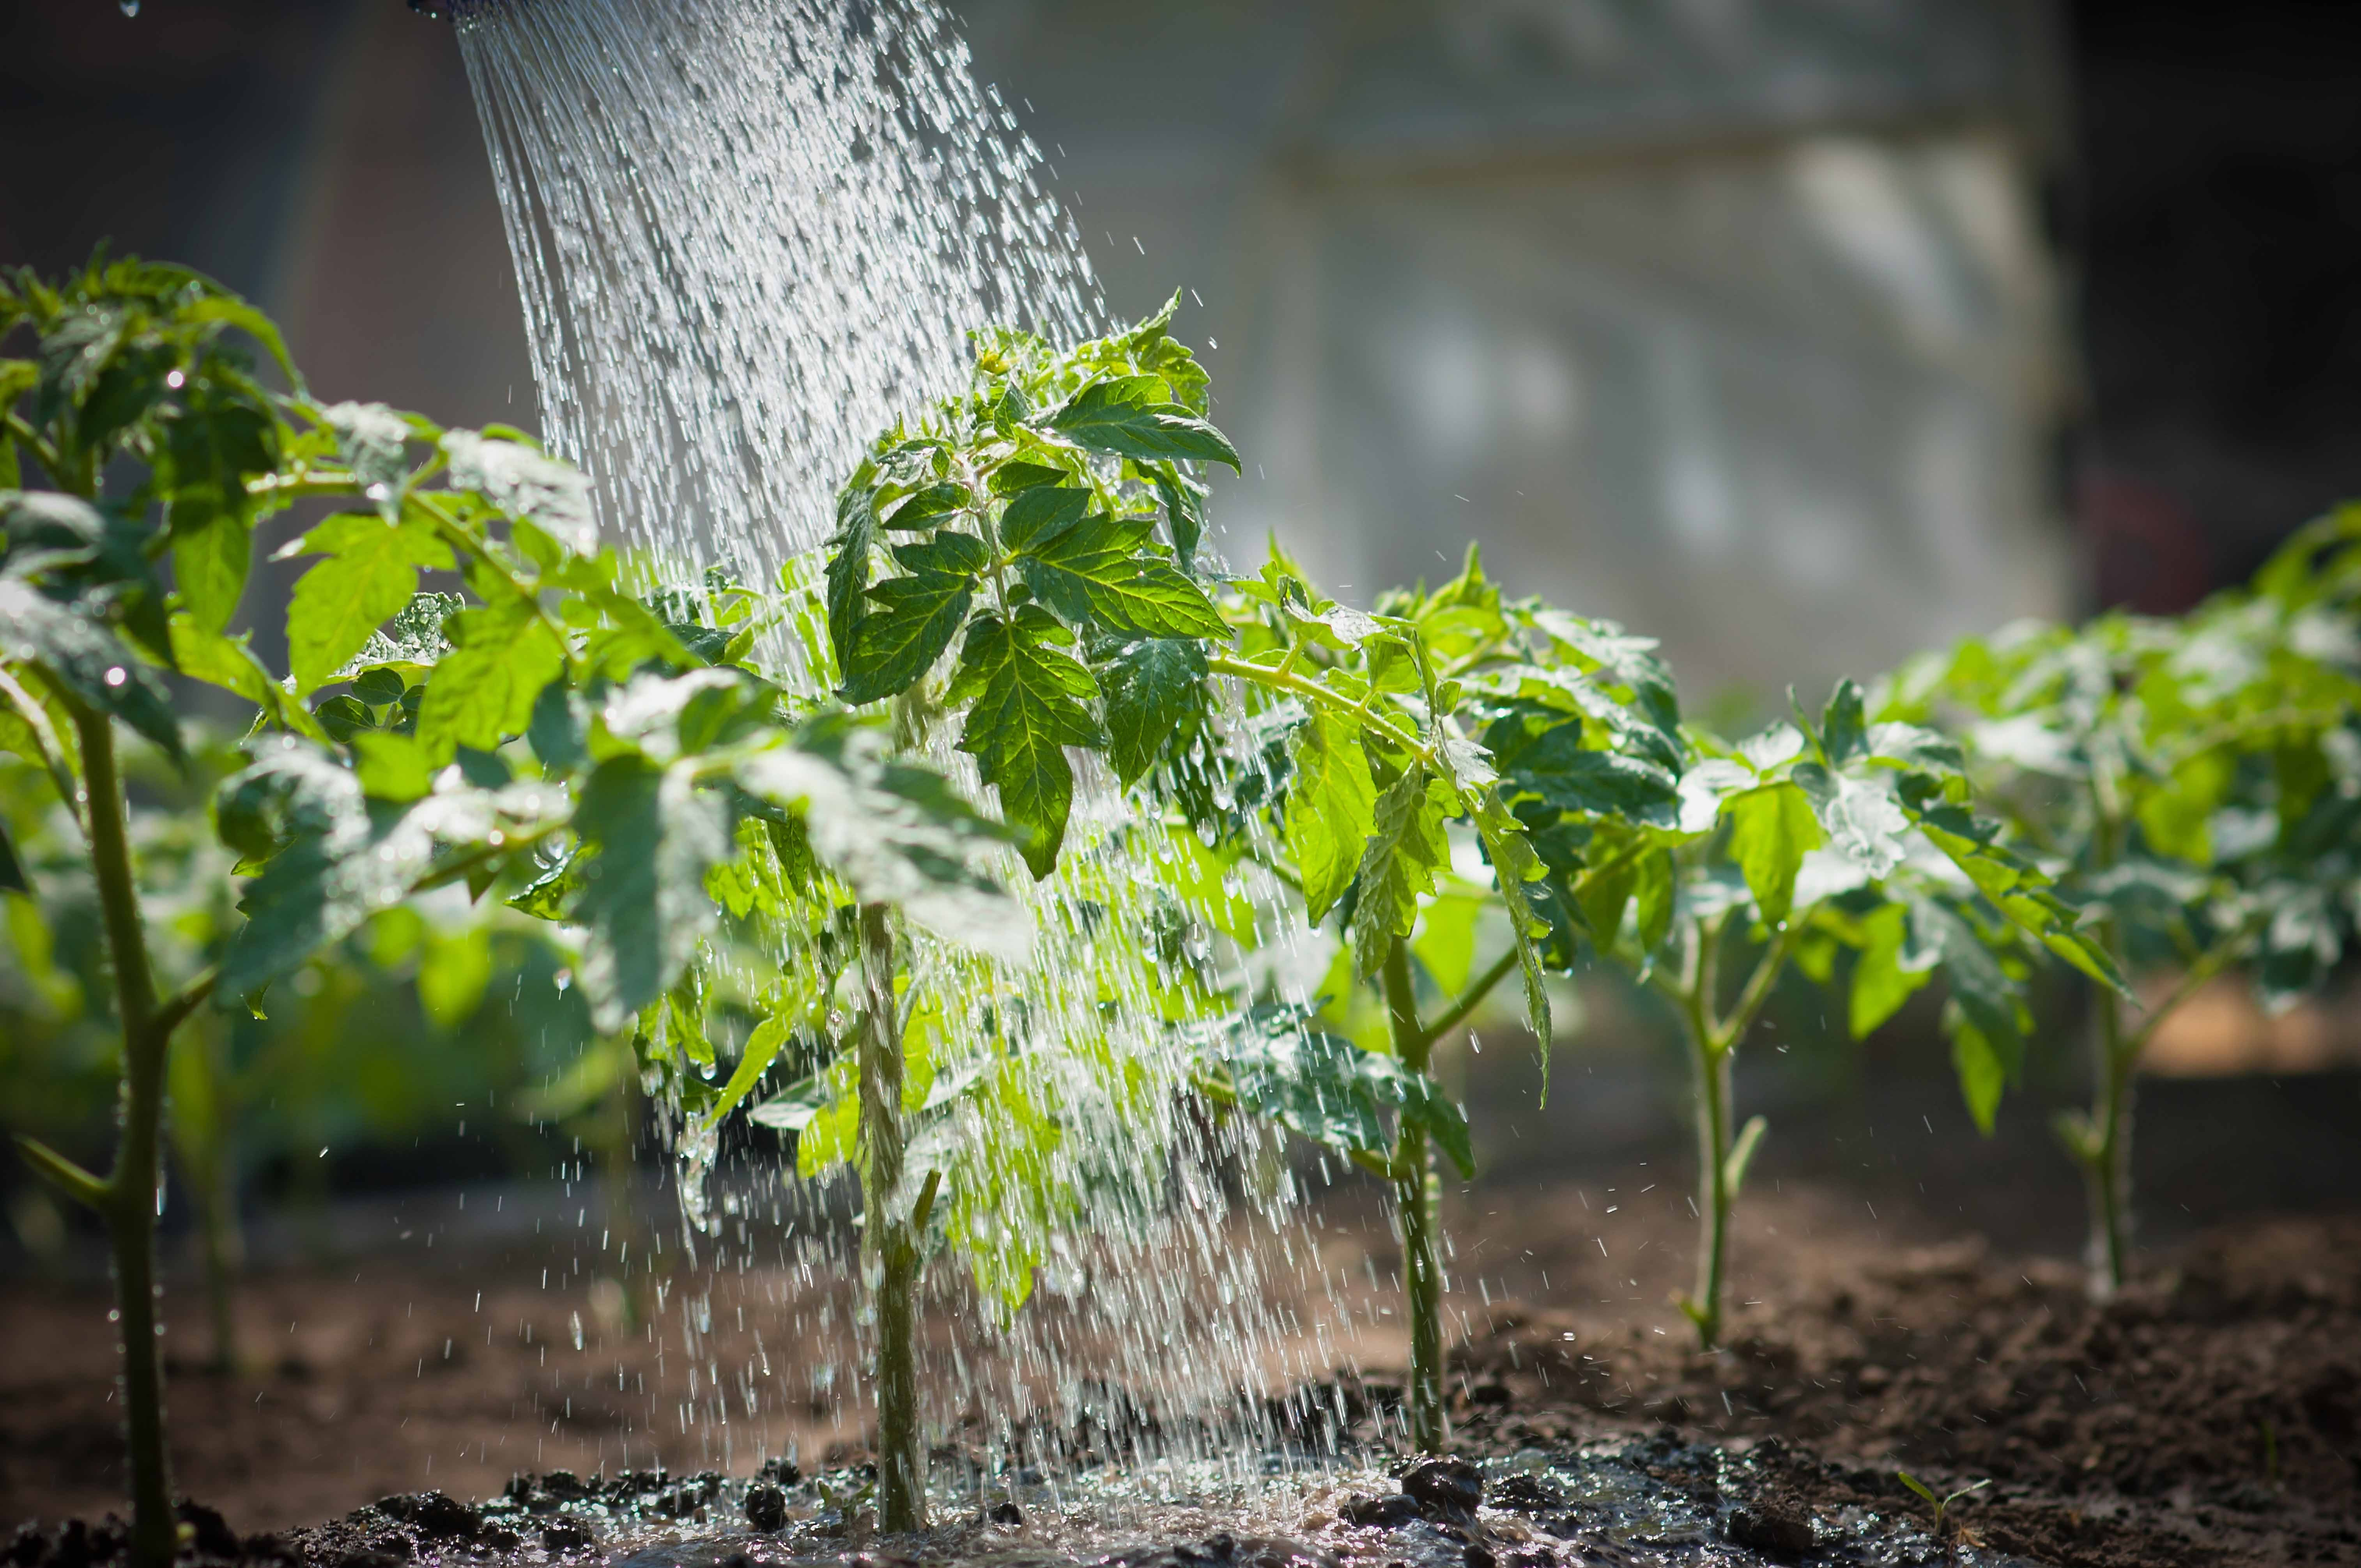 Как правильно подкормить помидоры дрожжами, рецепты приготовления удобрения